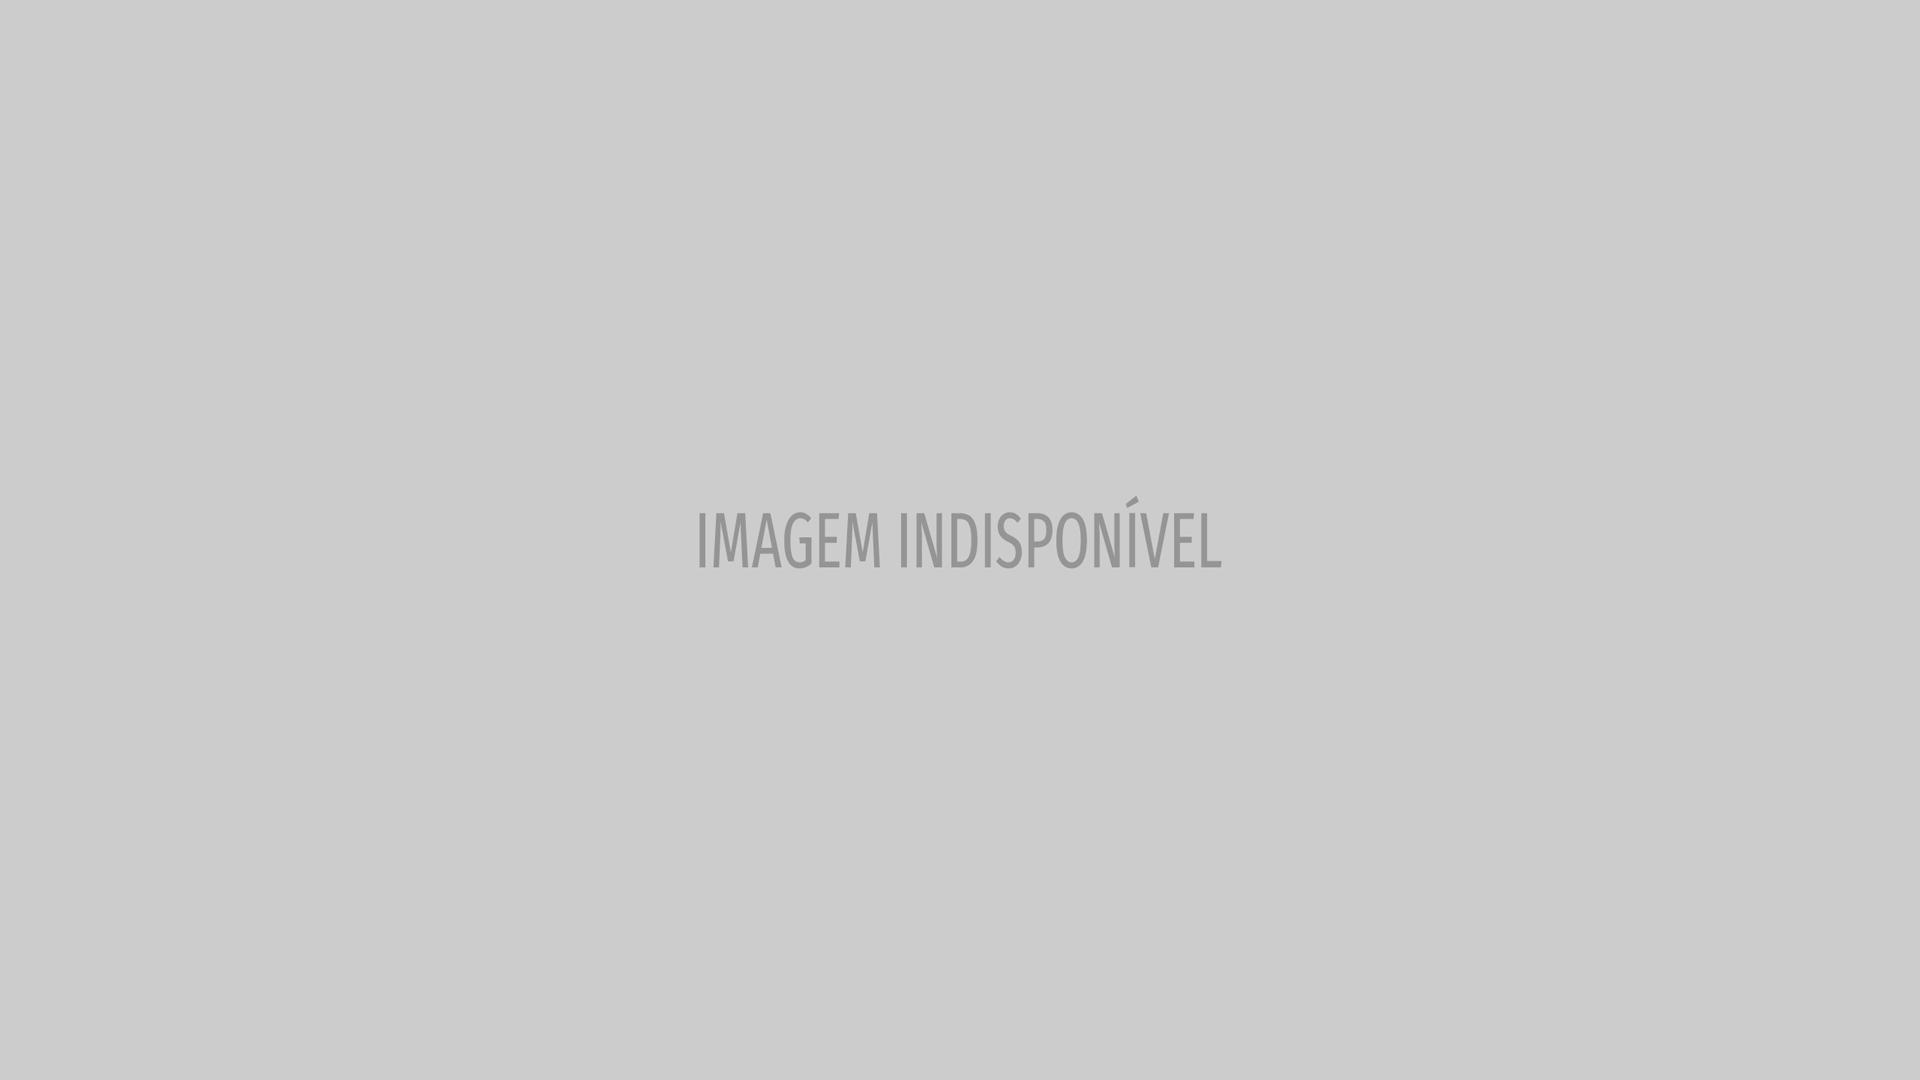 Invenções: Das mais estranhas às mais engraçadas